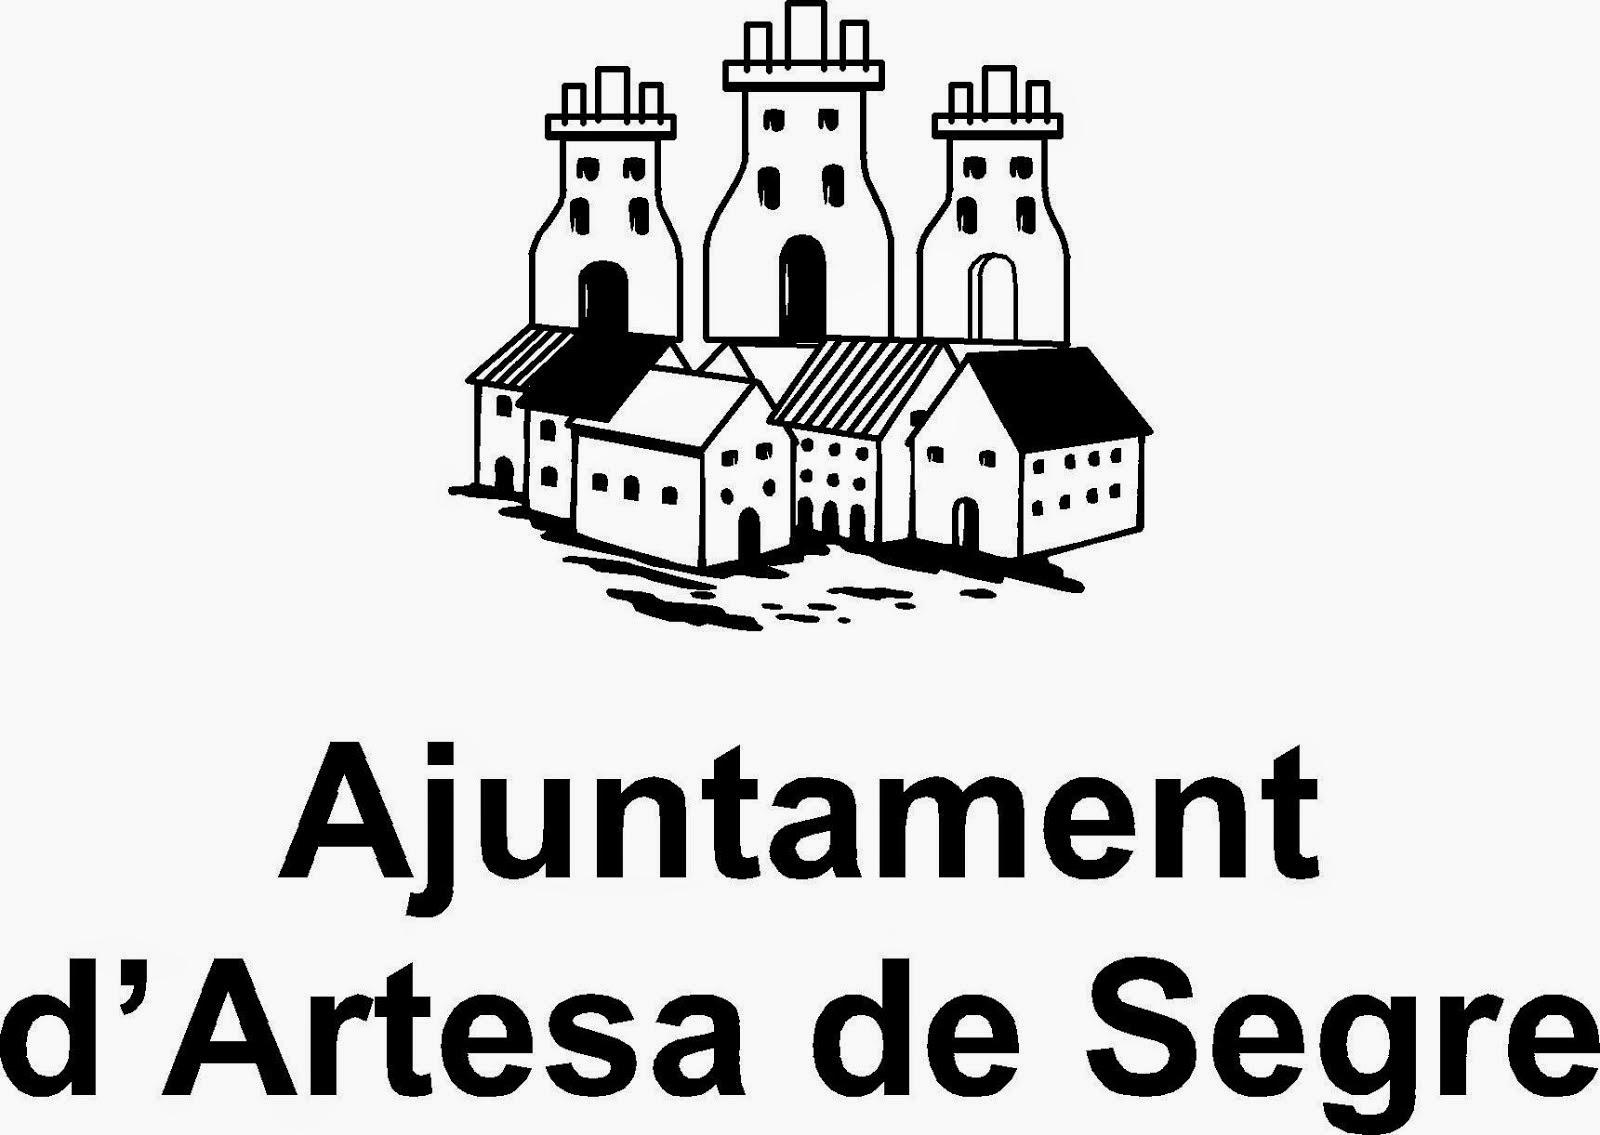 AJUNTAMENT ARTESA DE SEGRE